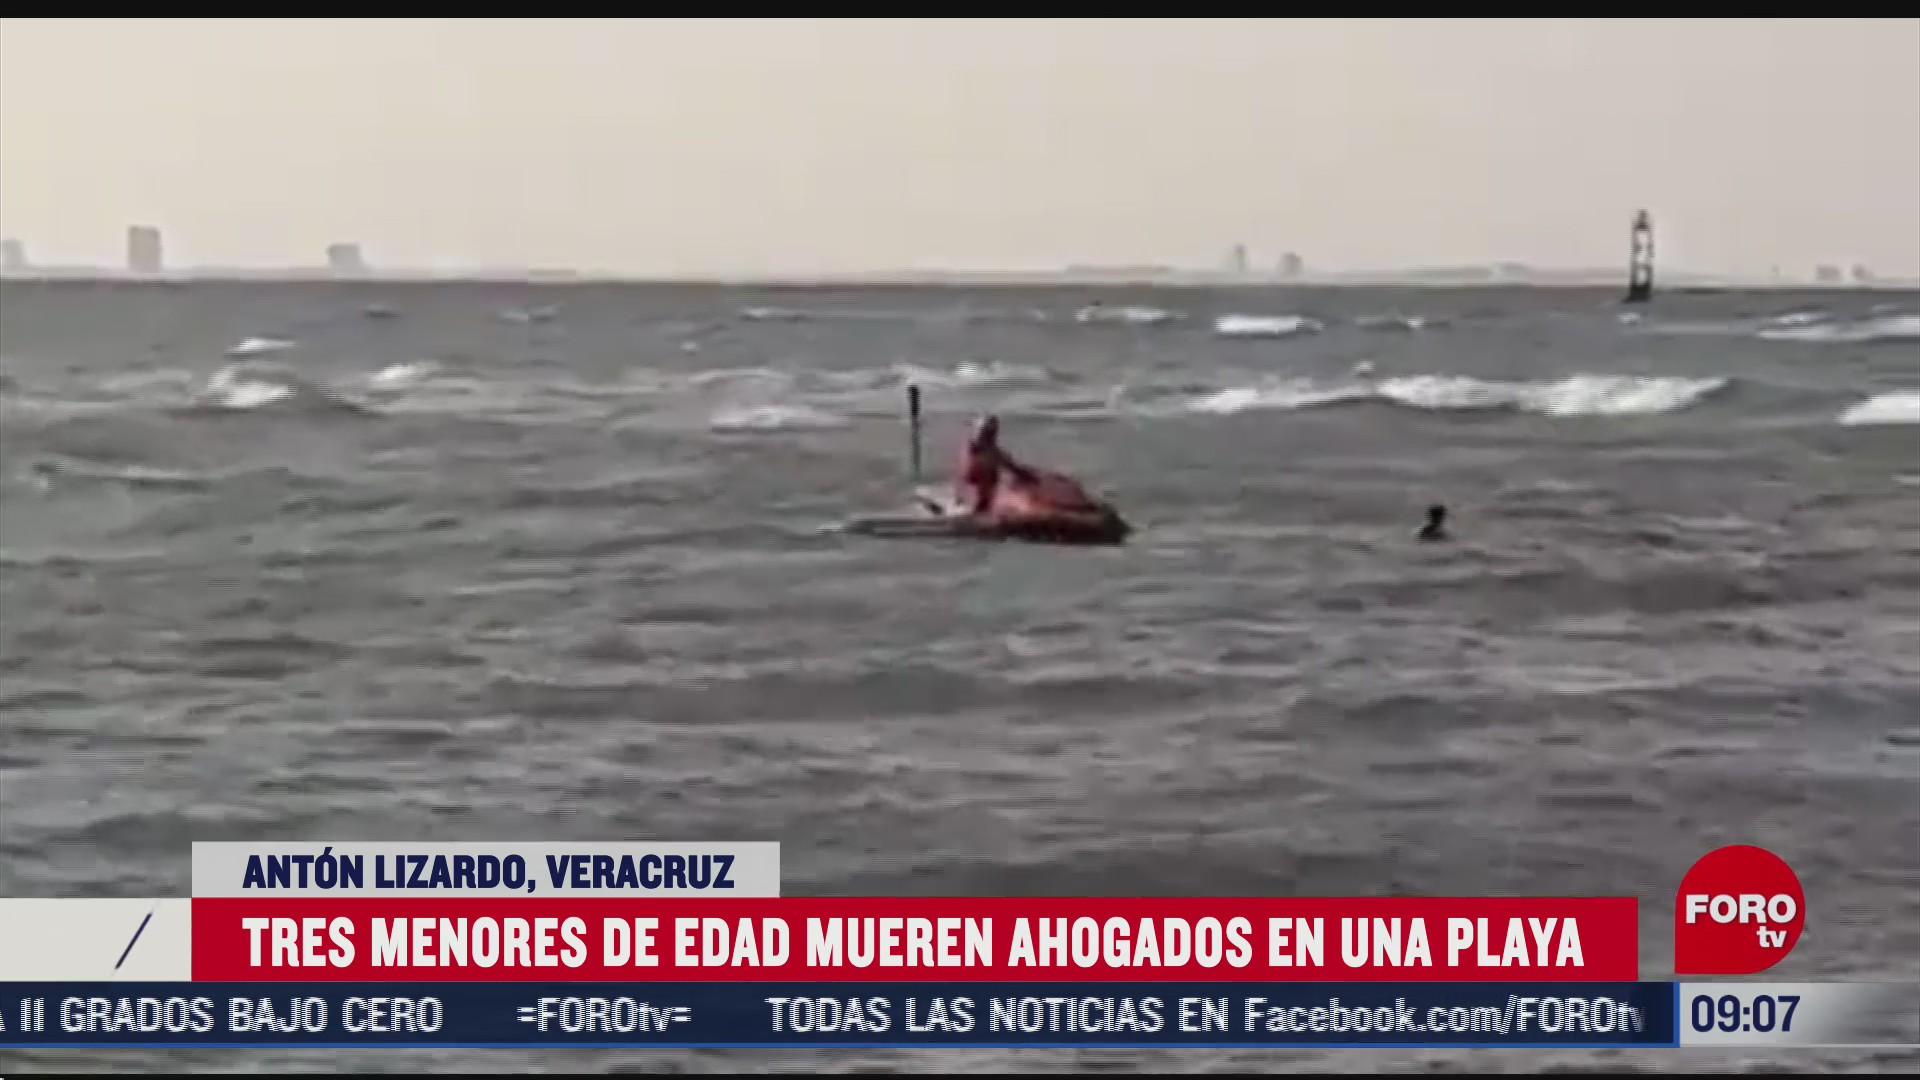 tres menores mueren ahogados en una playa en veracruz